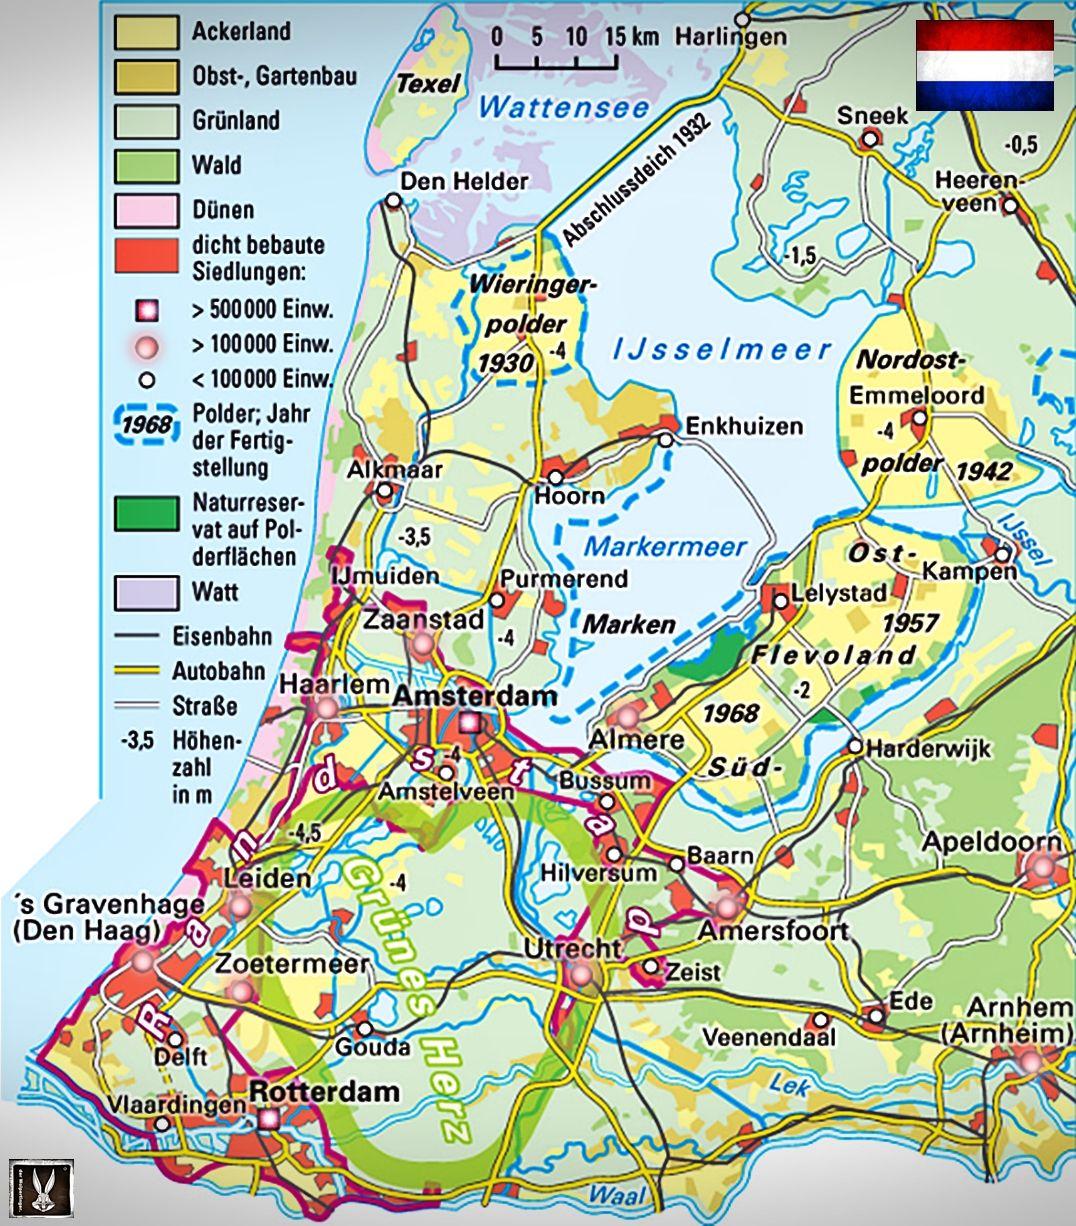 Niederlande Ijsselmeer Karte.Holland Thematische Karte Mit Polder Im Ijsselmeer Und Randstad